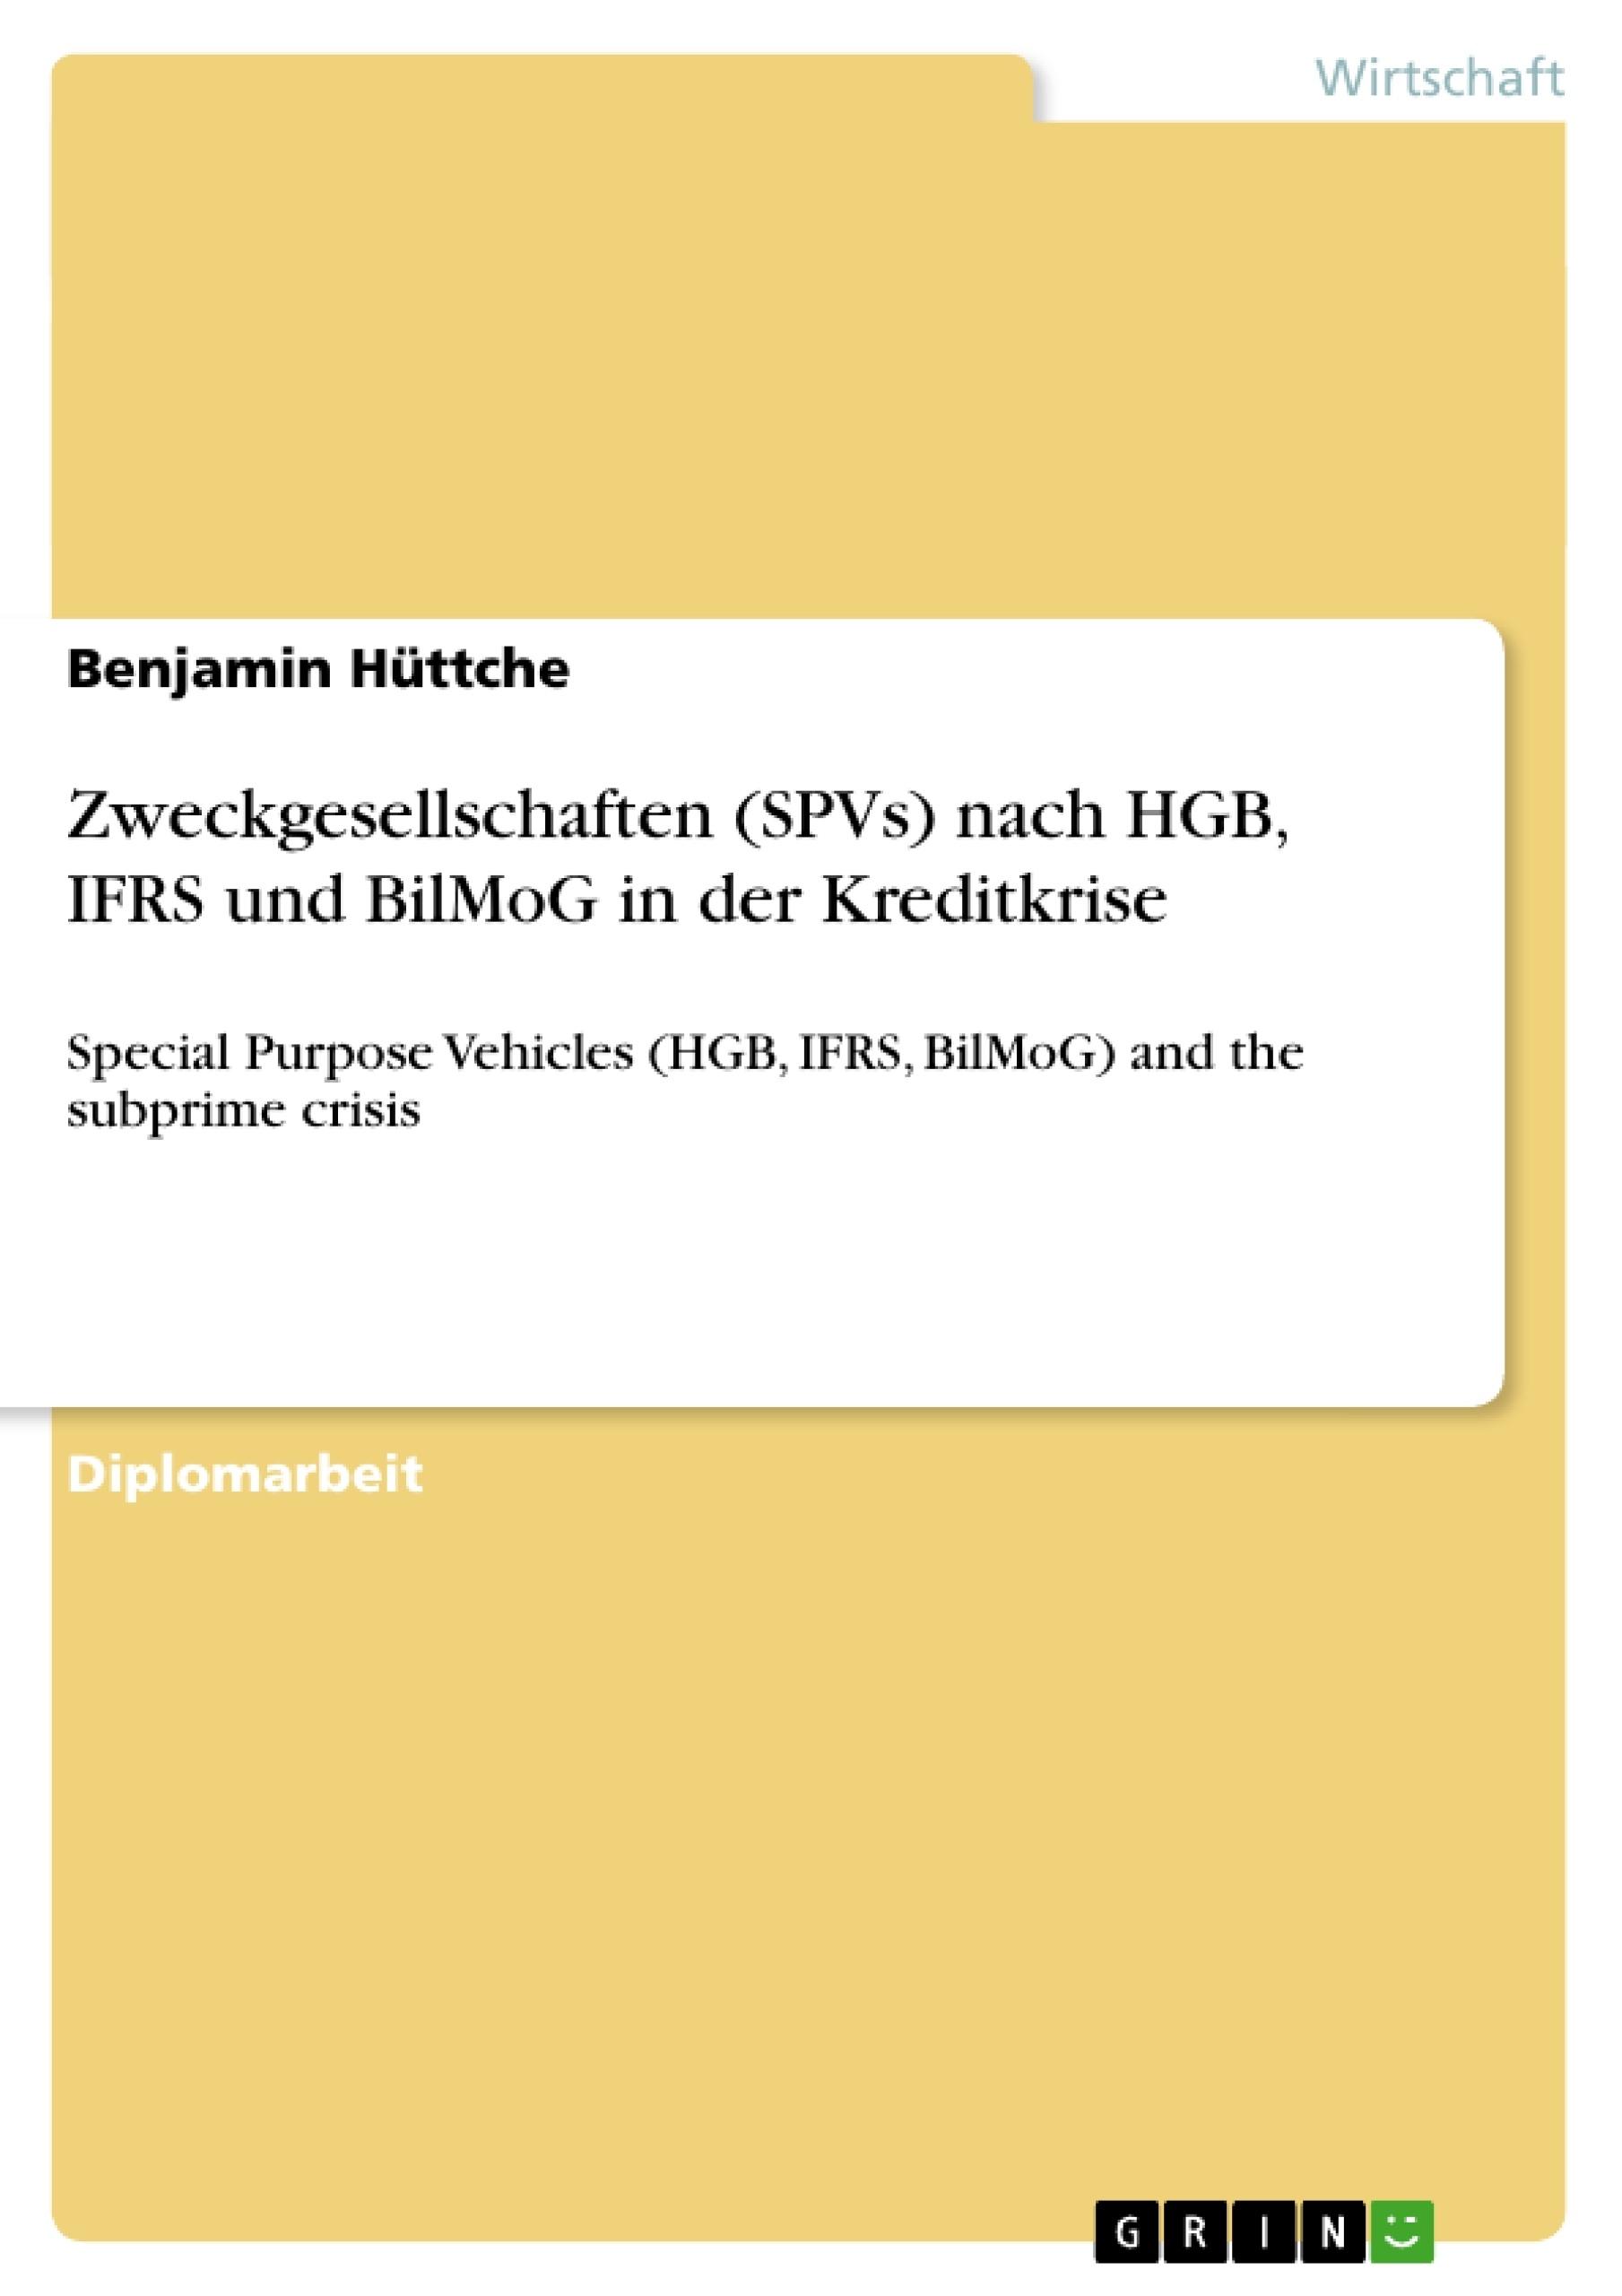 Titel: Zweckgesellschaften (SPVs) nach HGB, IFRS und BilMoG in der Kreditkrise